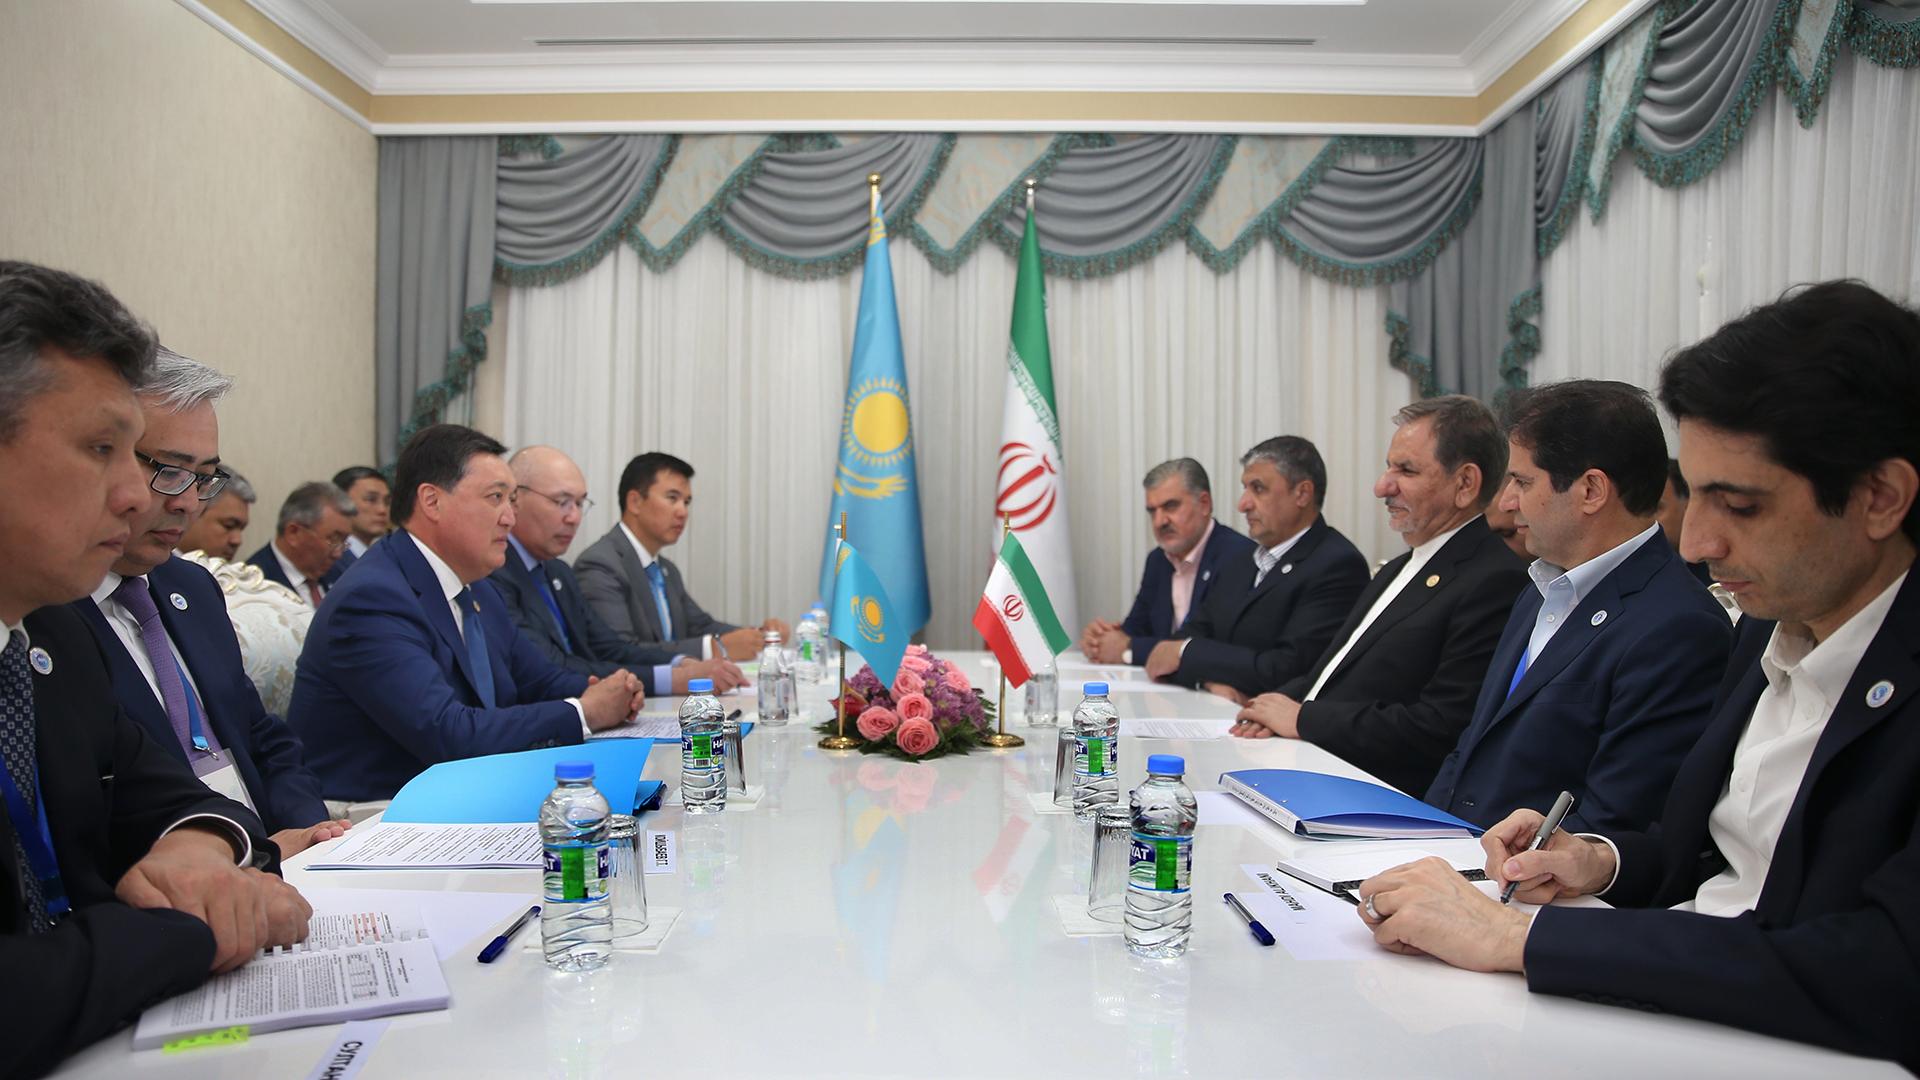 Аскар Мамин принял участие в I Каспийском экономическом форуме в Туркменистане 2